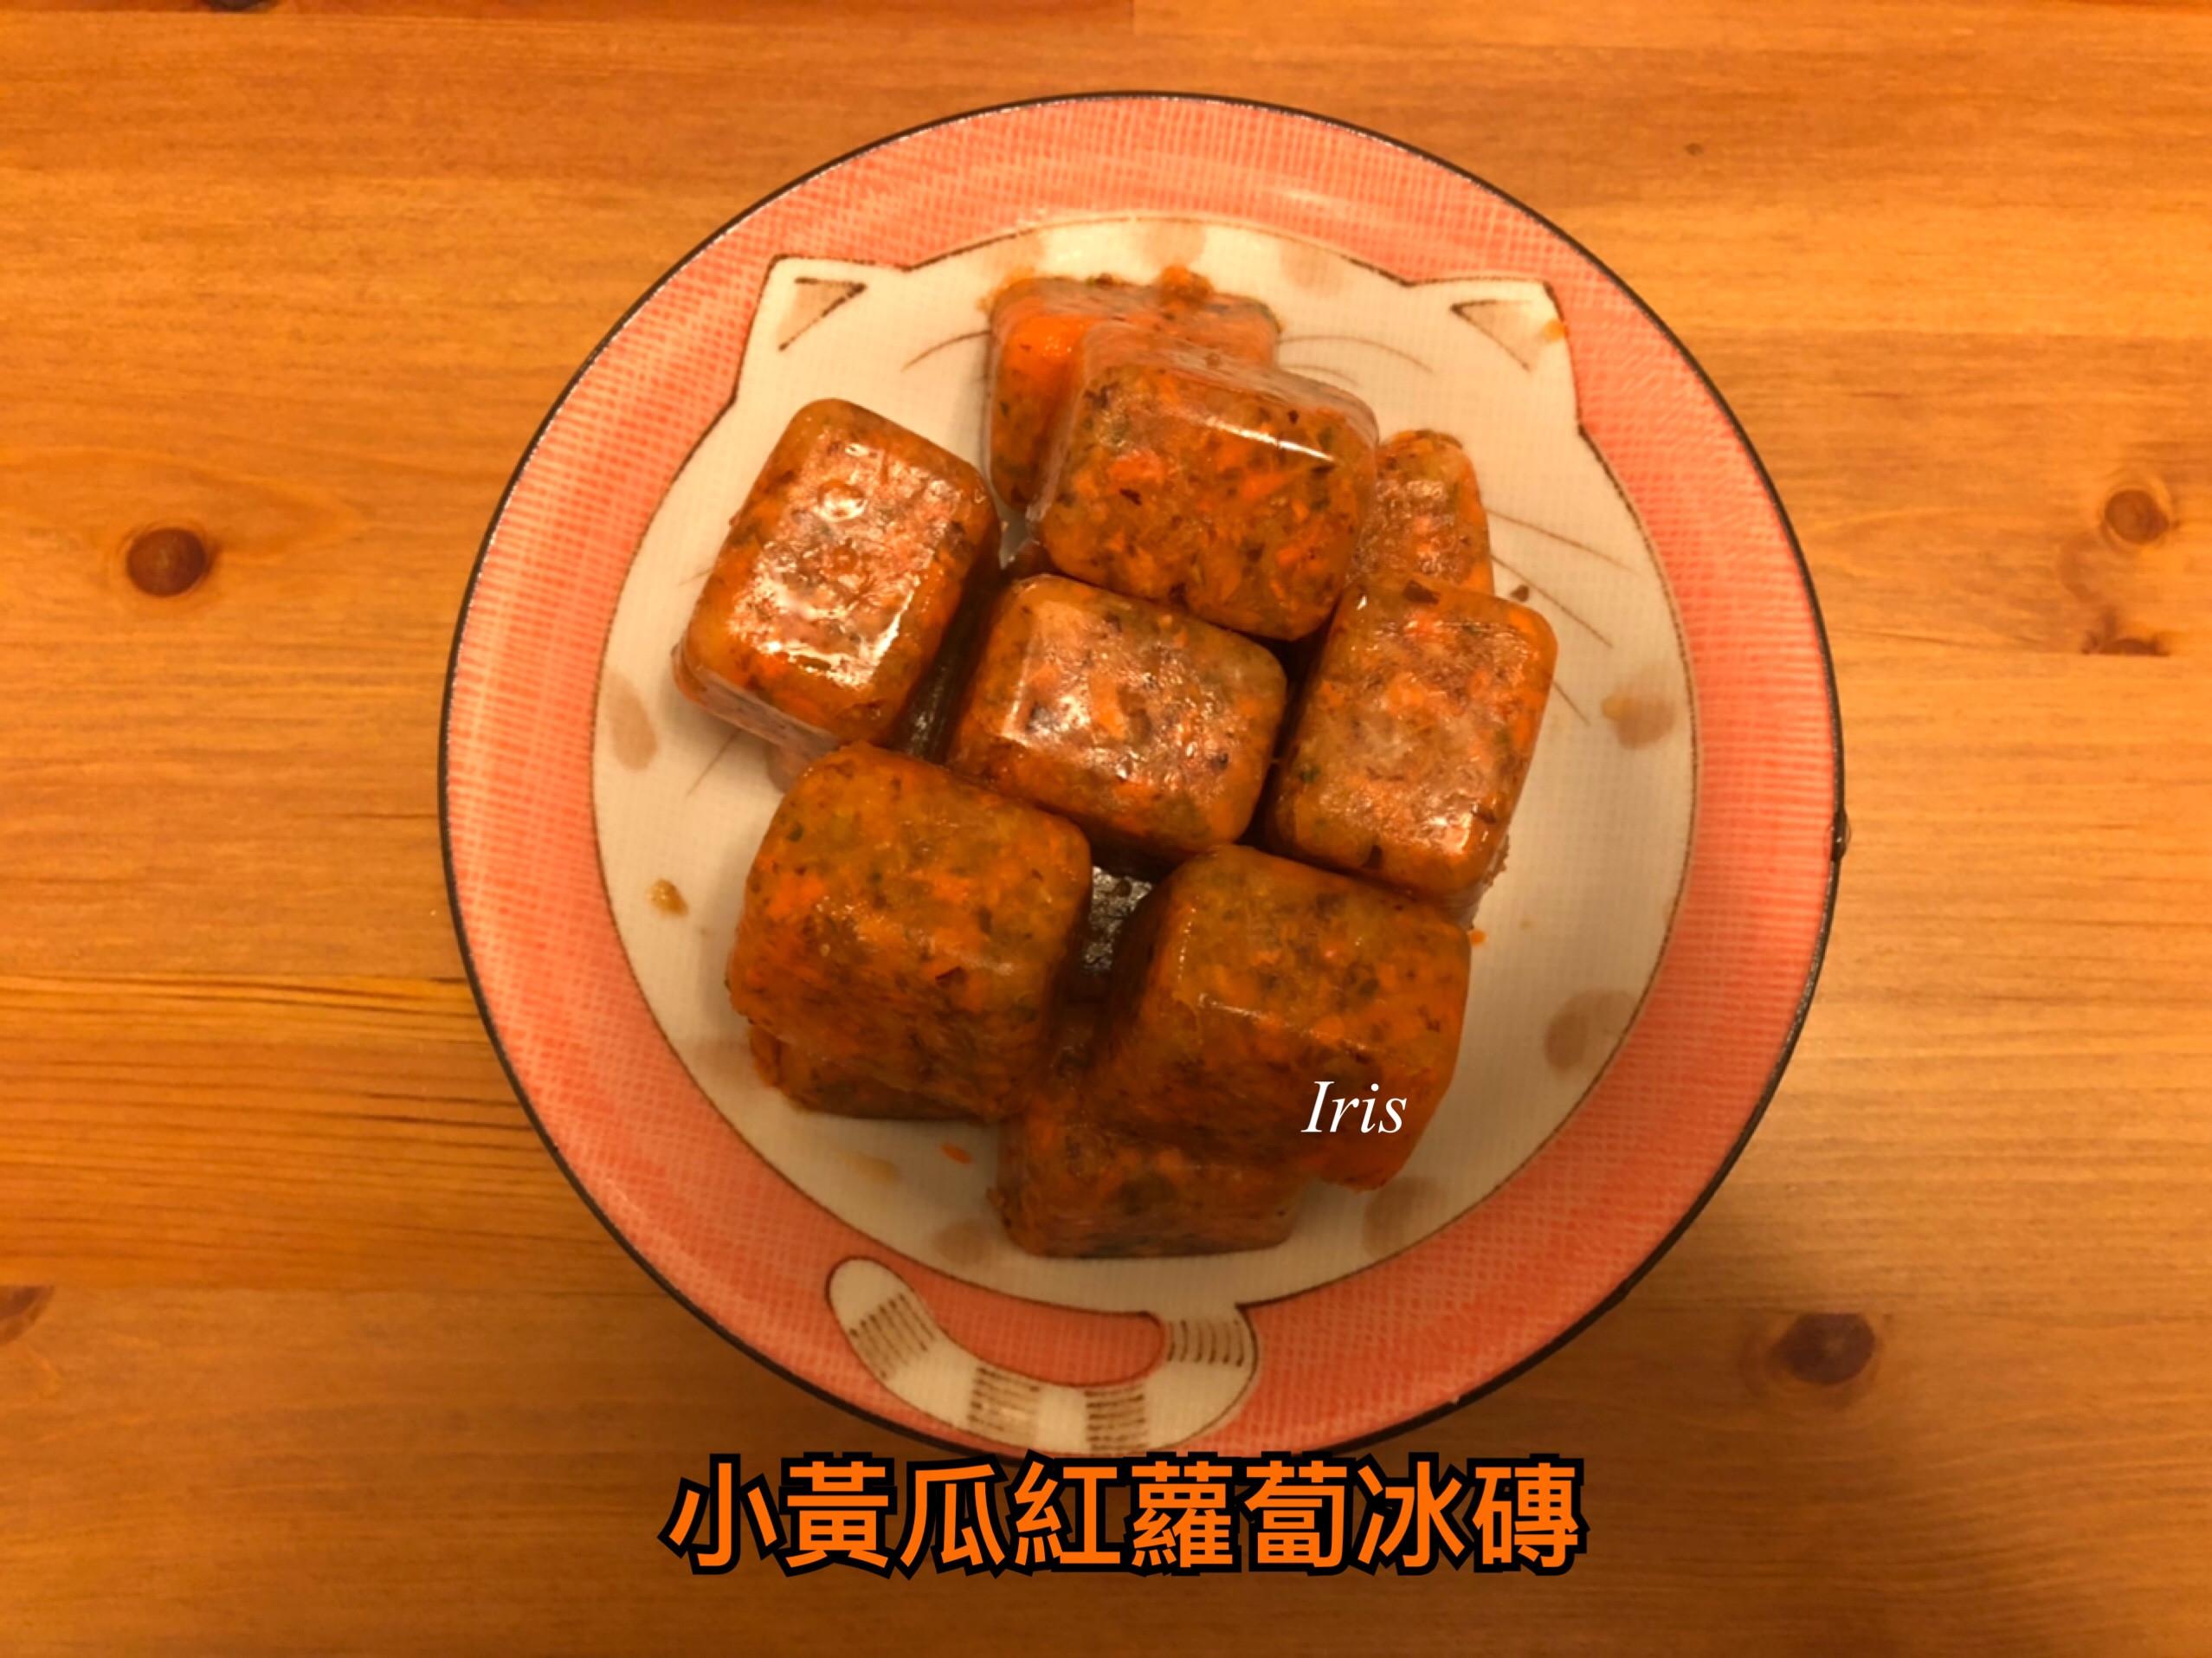 寶寶粥湯底 - 小黃瓜紅蘿蔔湯